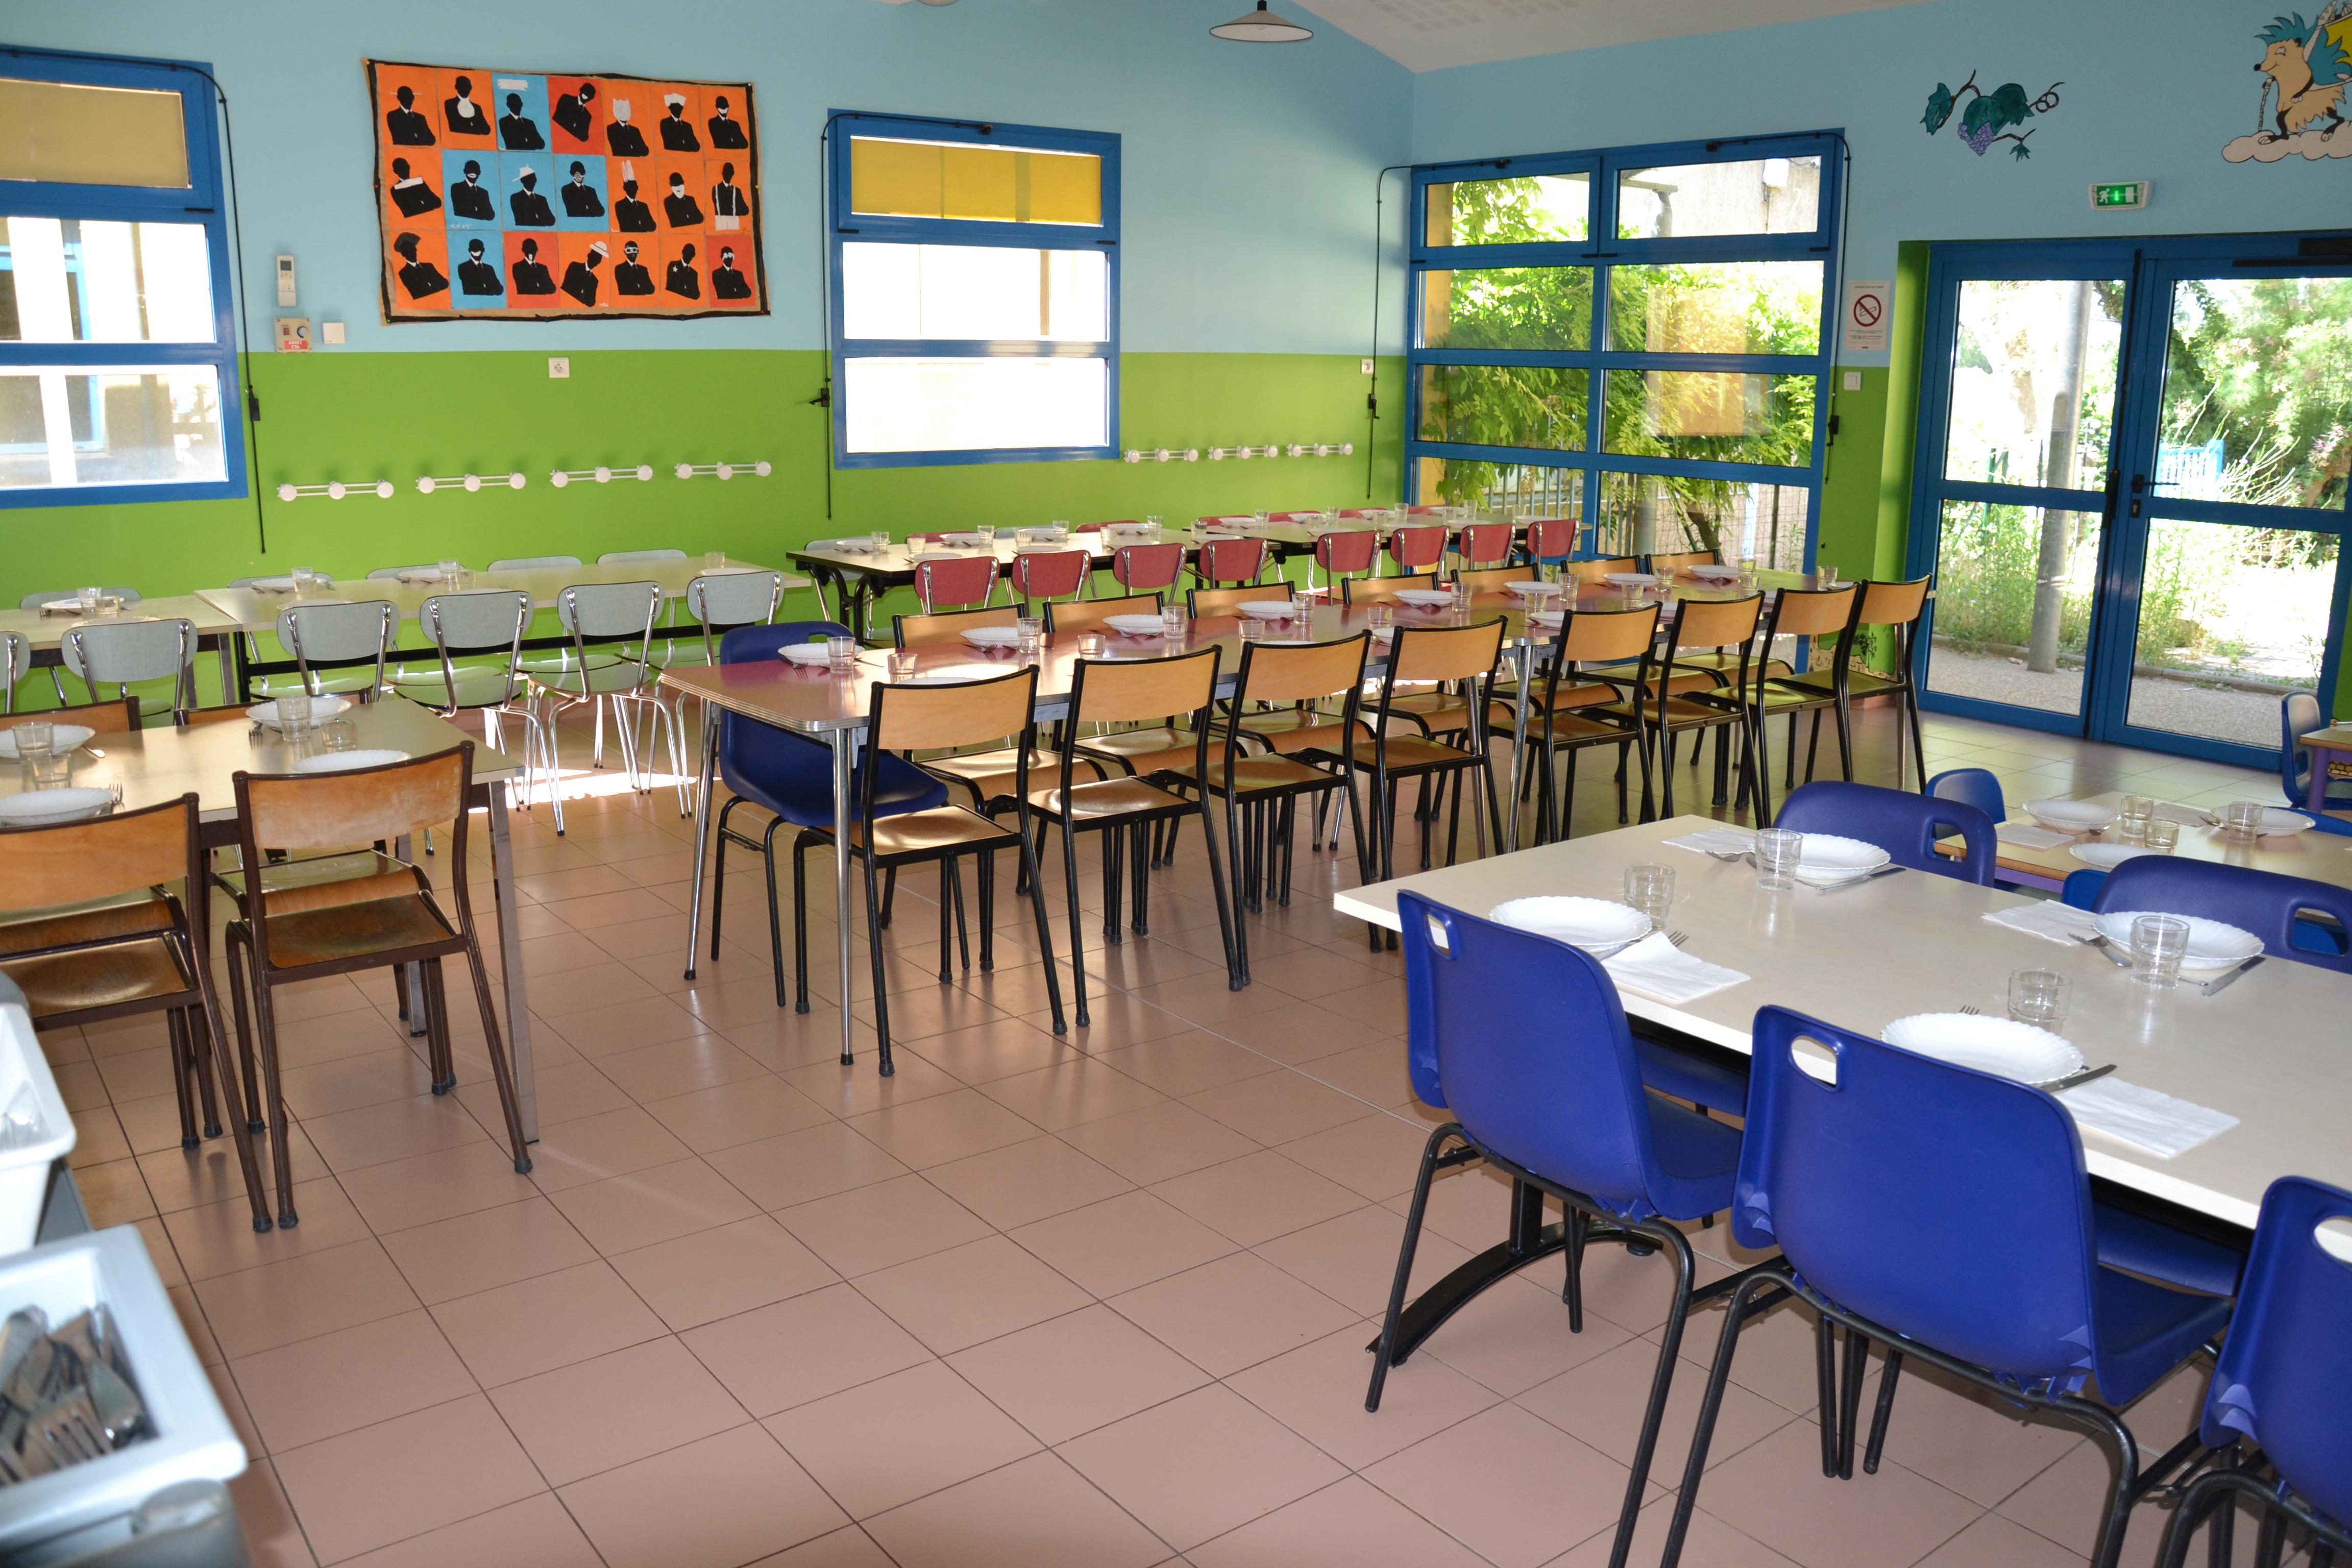 La cantine scolaire mairie de taradeau for Emploi cuisinier cantine scolaire